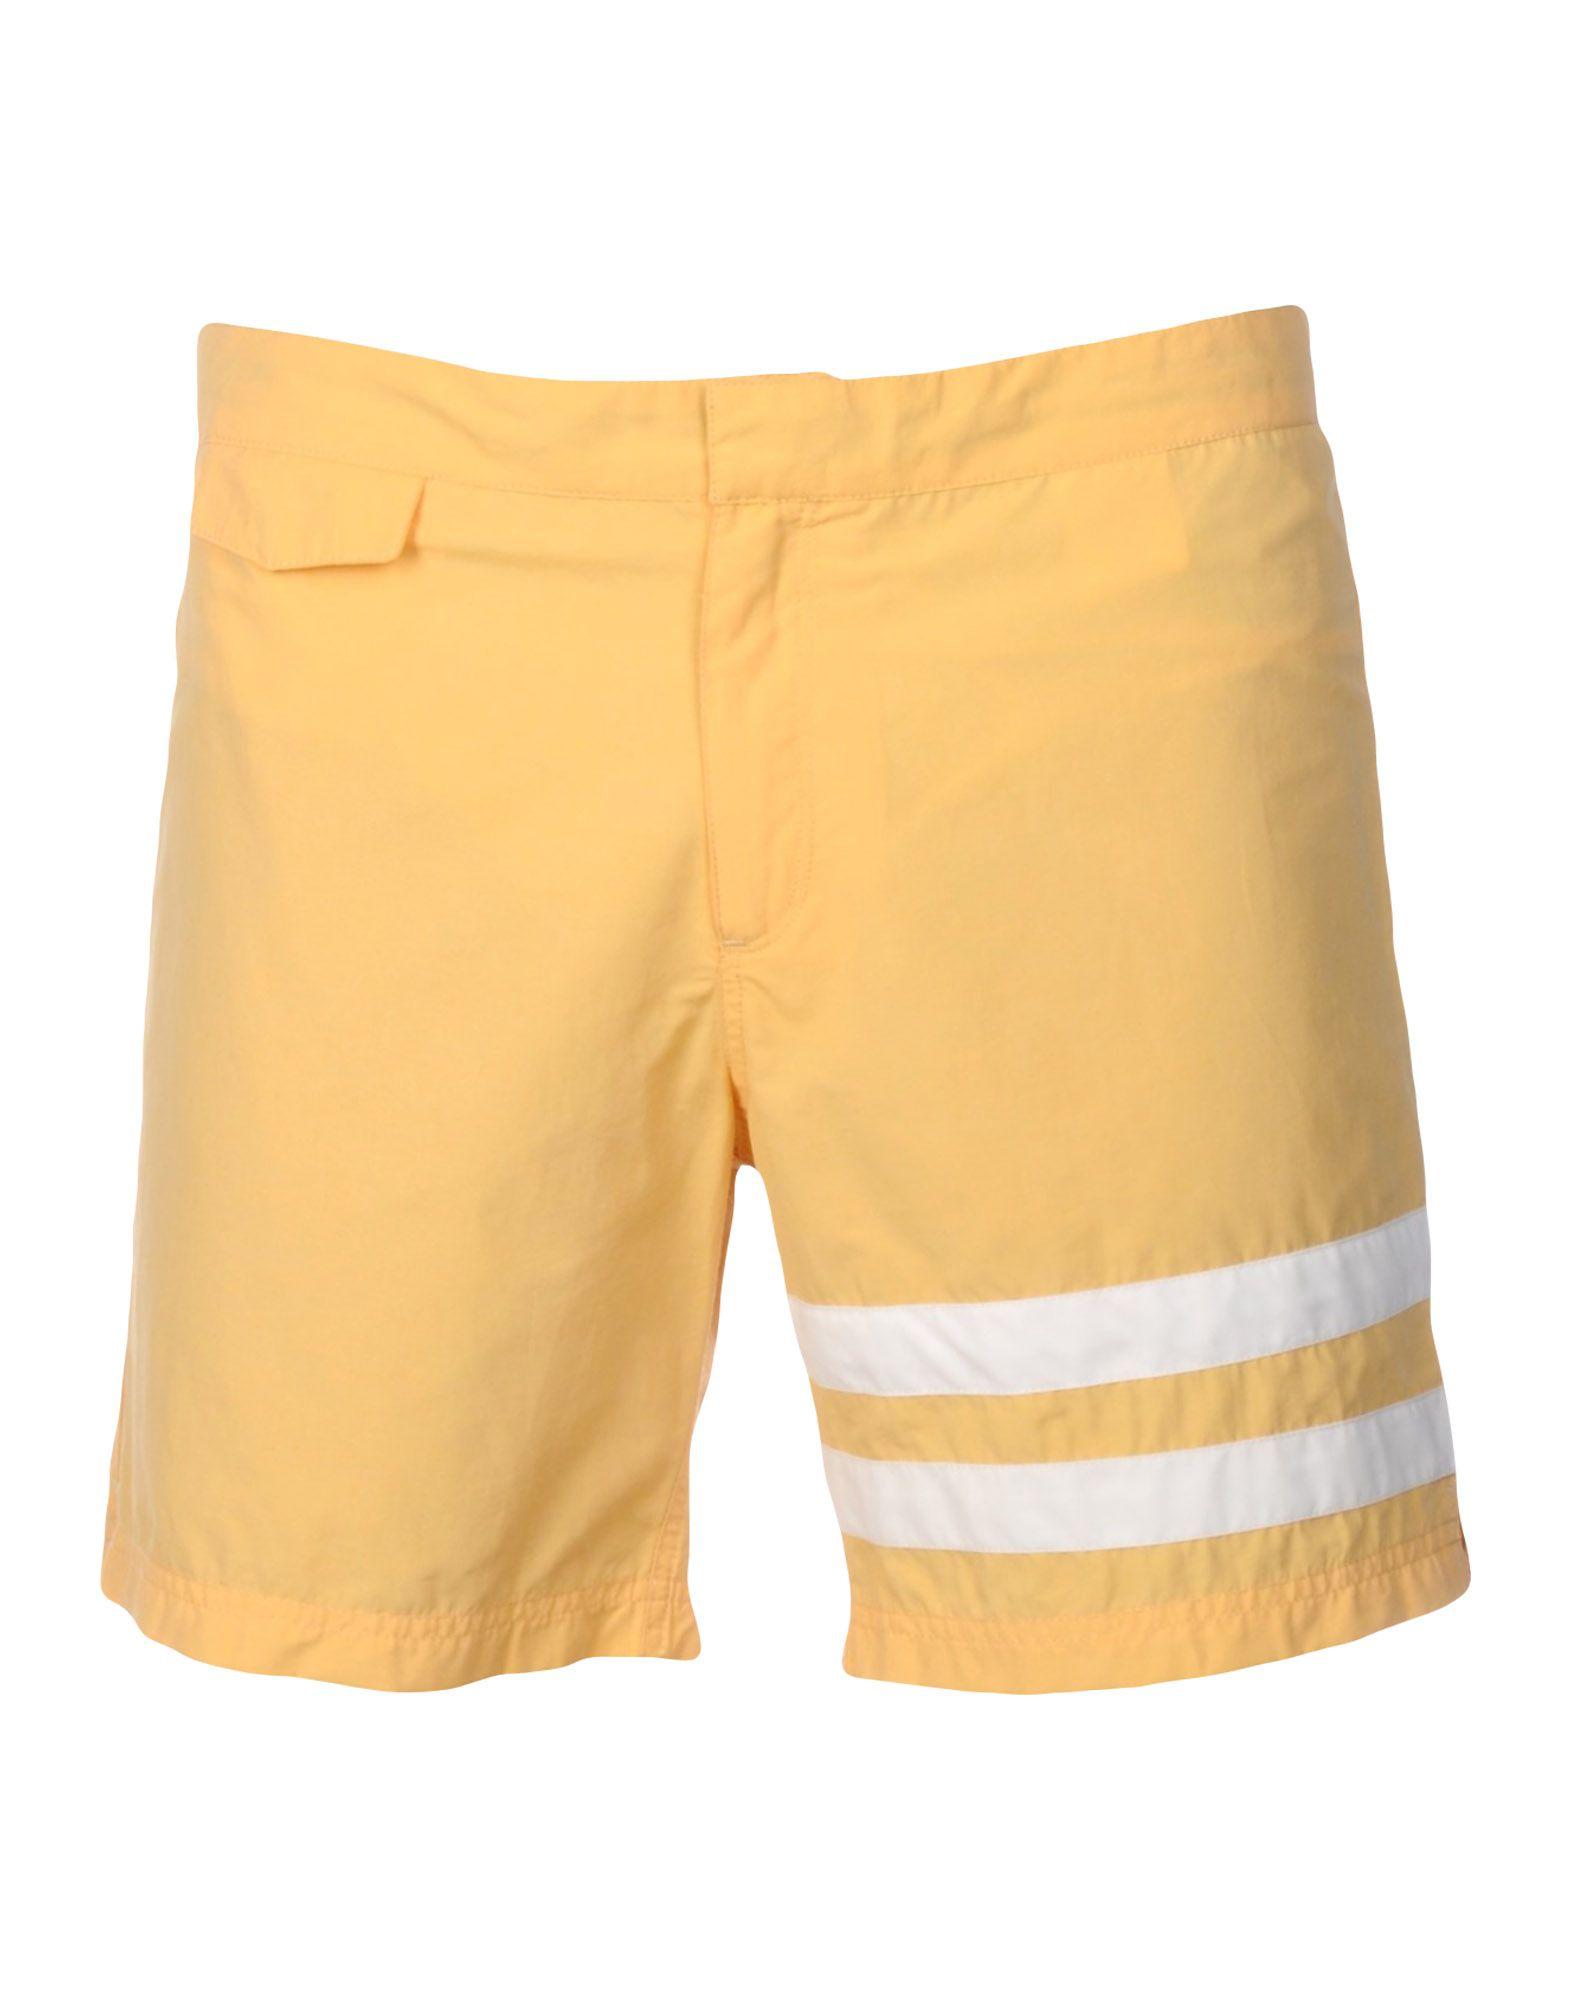 1606ea15a68dd Hartford Men - Hartford Swimwear - YOOX United Kingdom